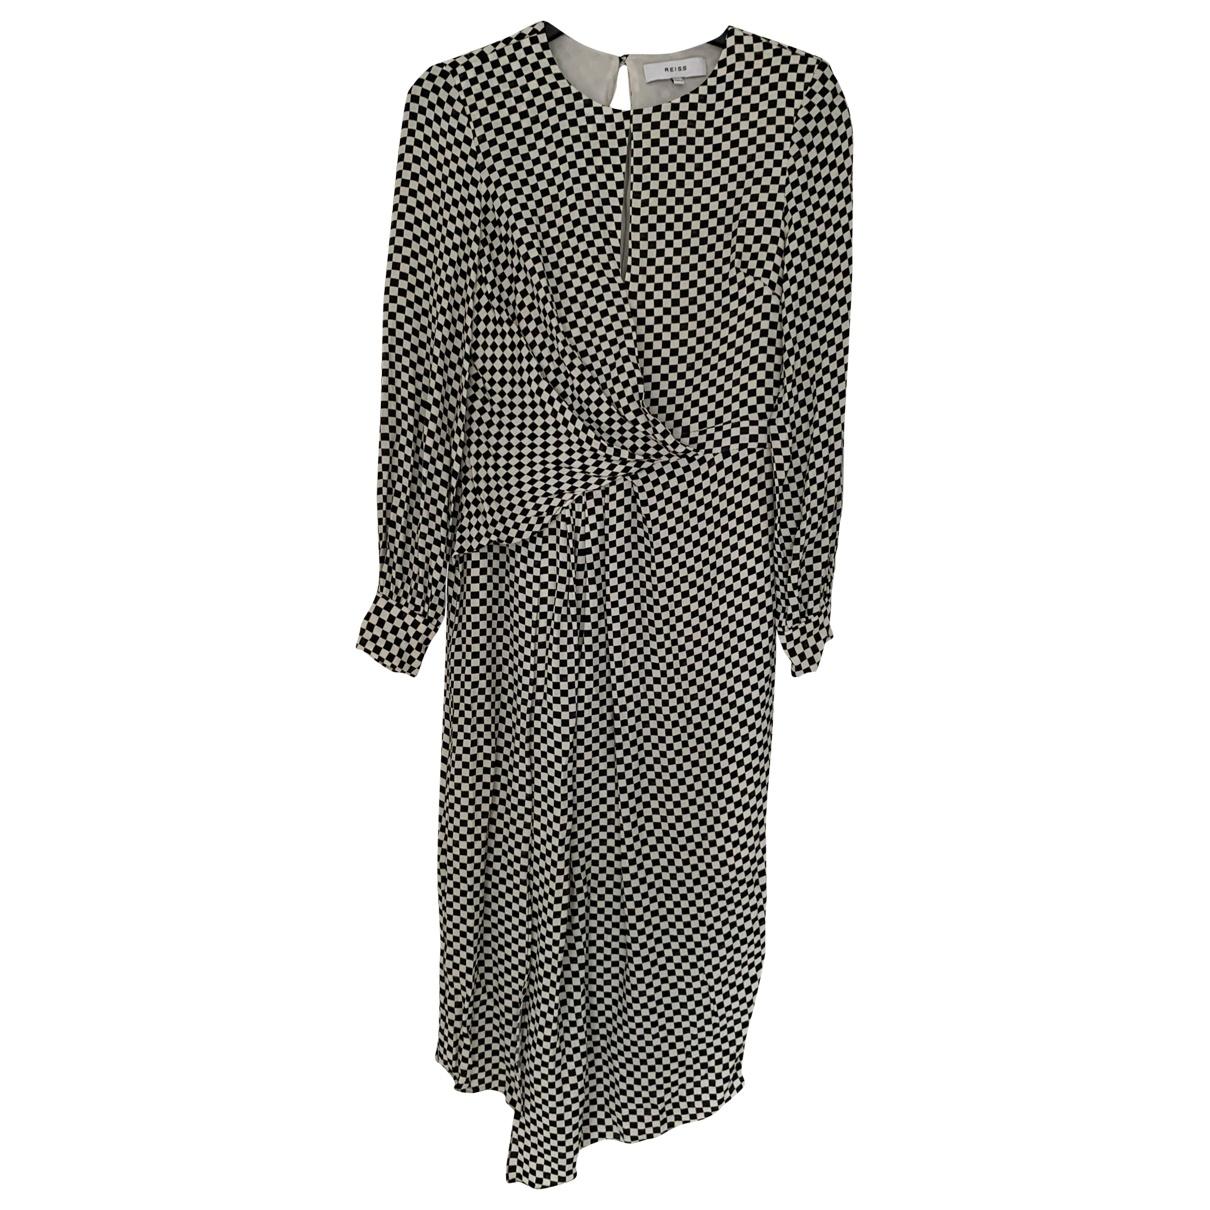 Reiss \N White dress for Women 8 UK